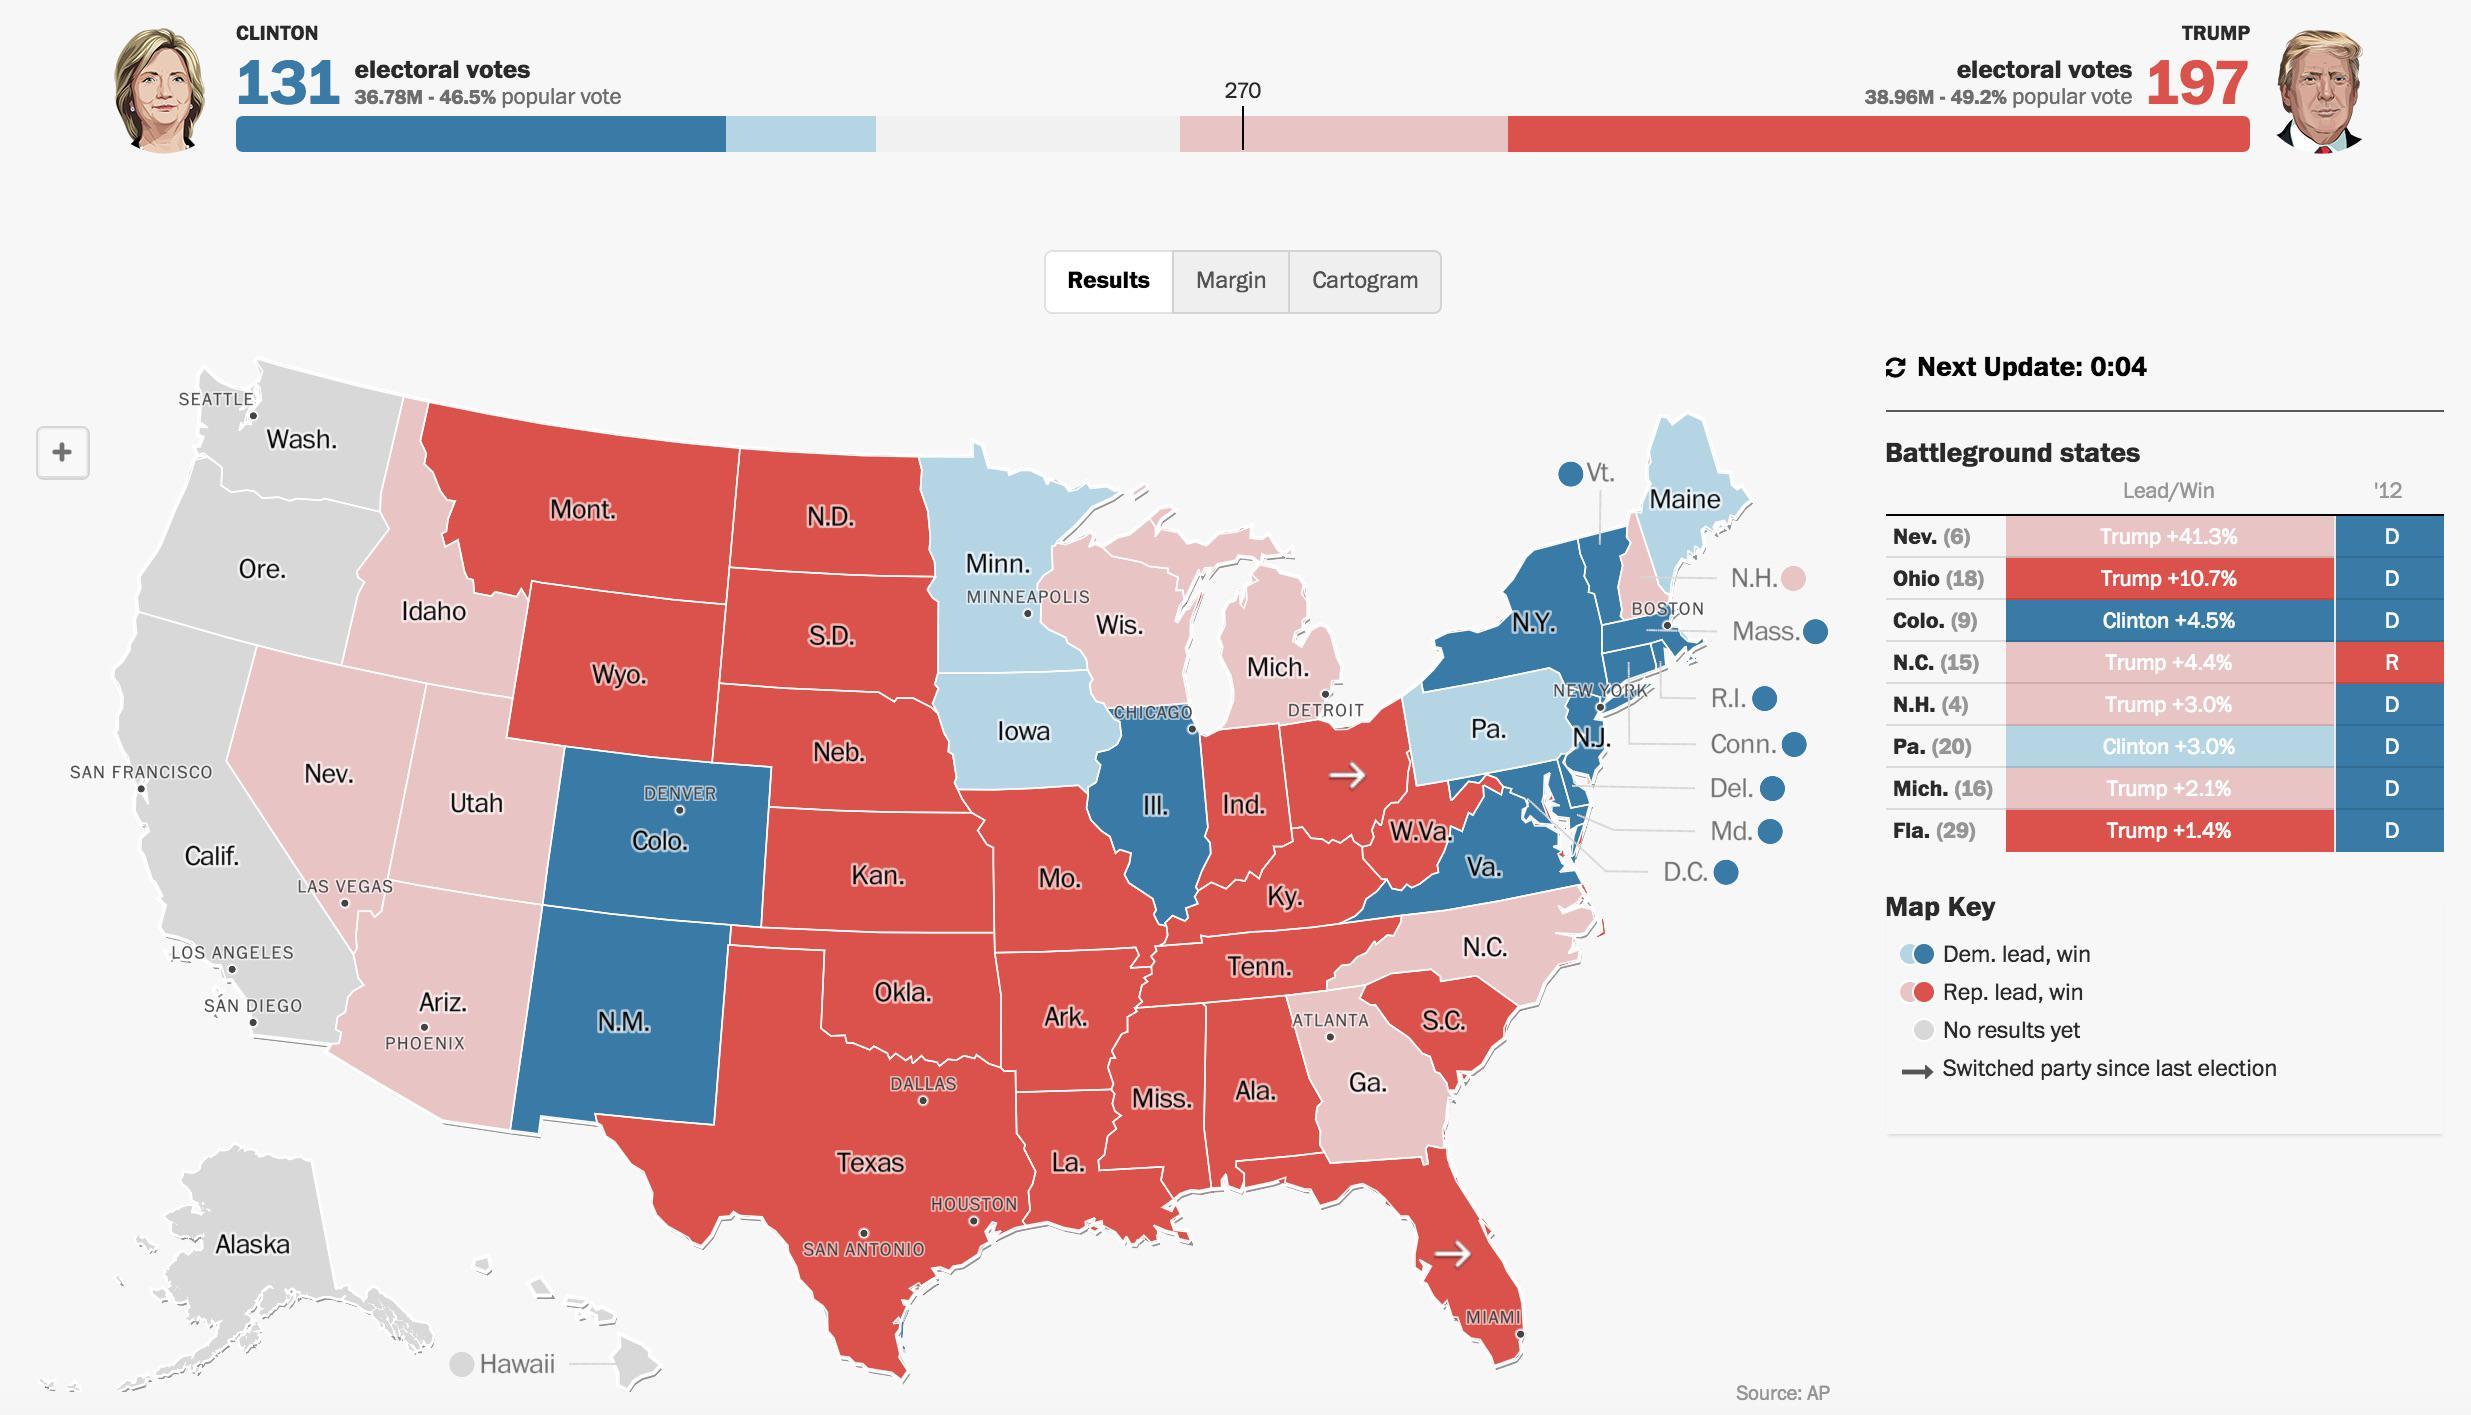 Trump ya ha ganado Florida y Ohio. Dos Estados que ganó Obama las pasadas elecciones.